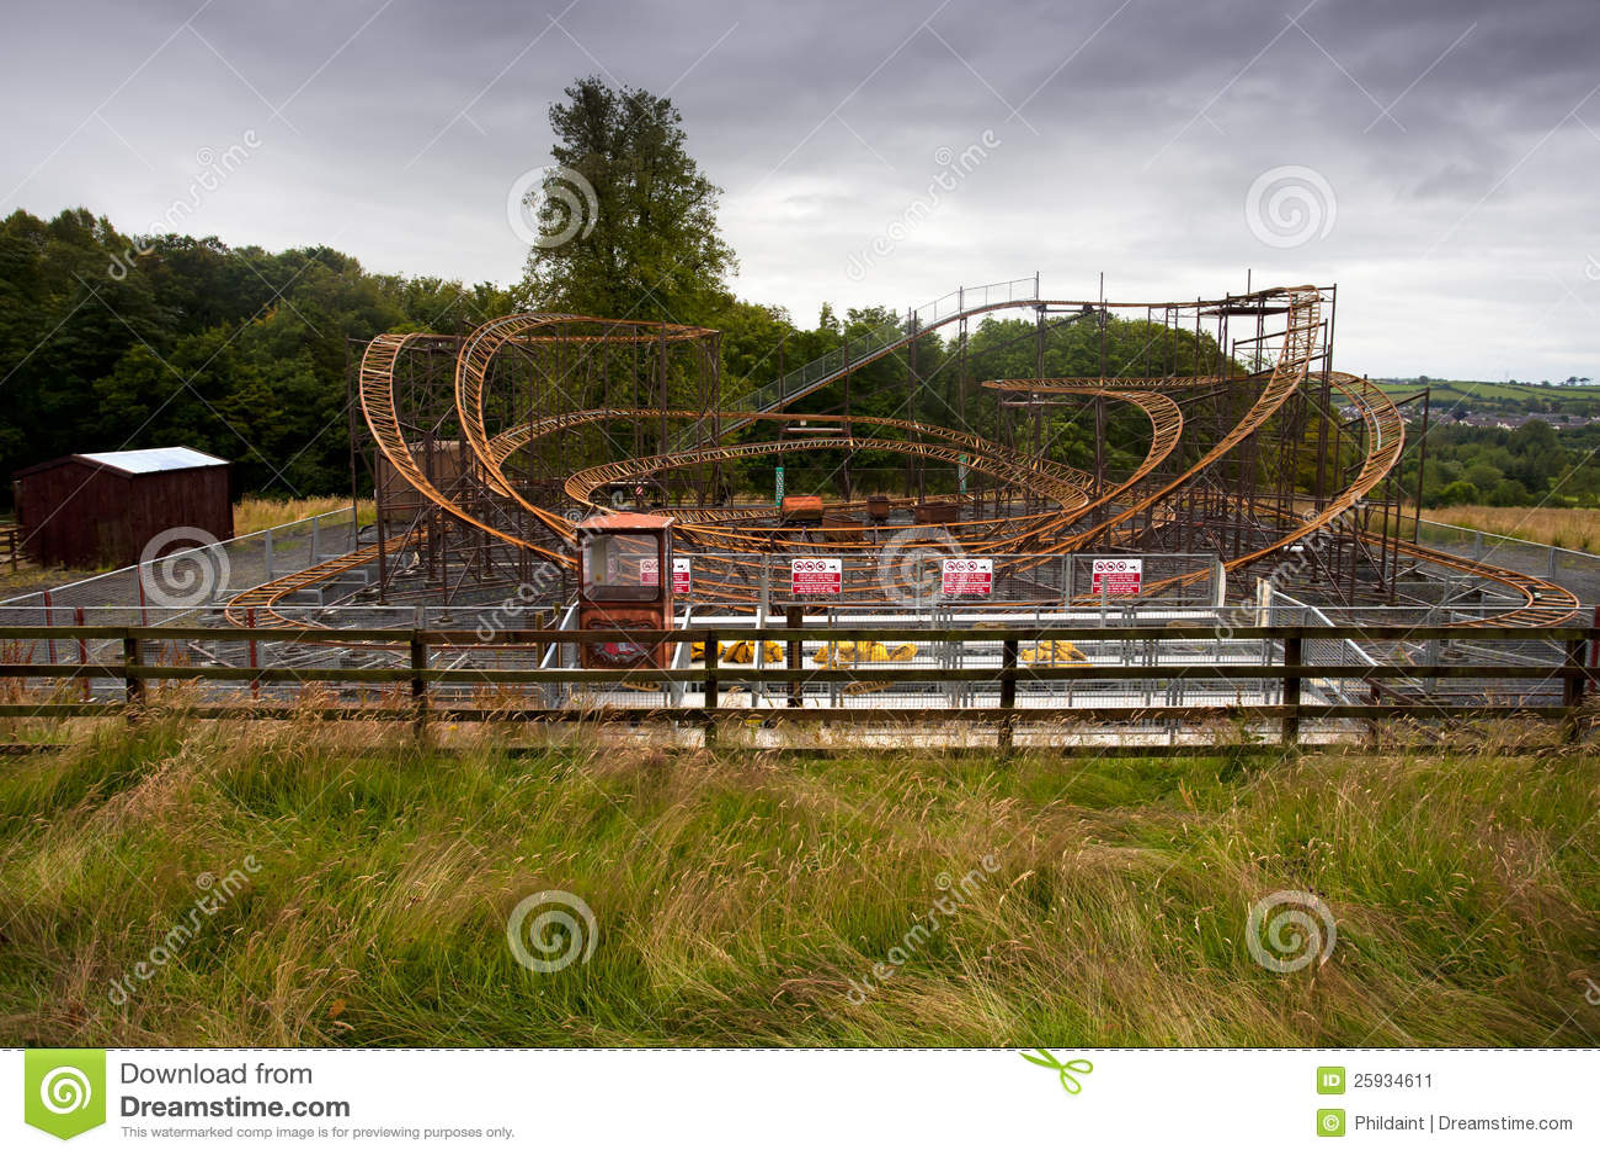 Abandoned Theme Park Stock Image Image Of Railing Wood 25934611